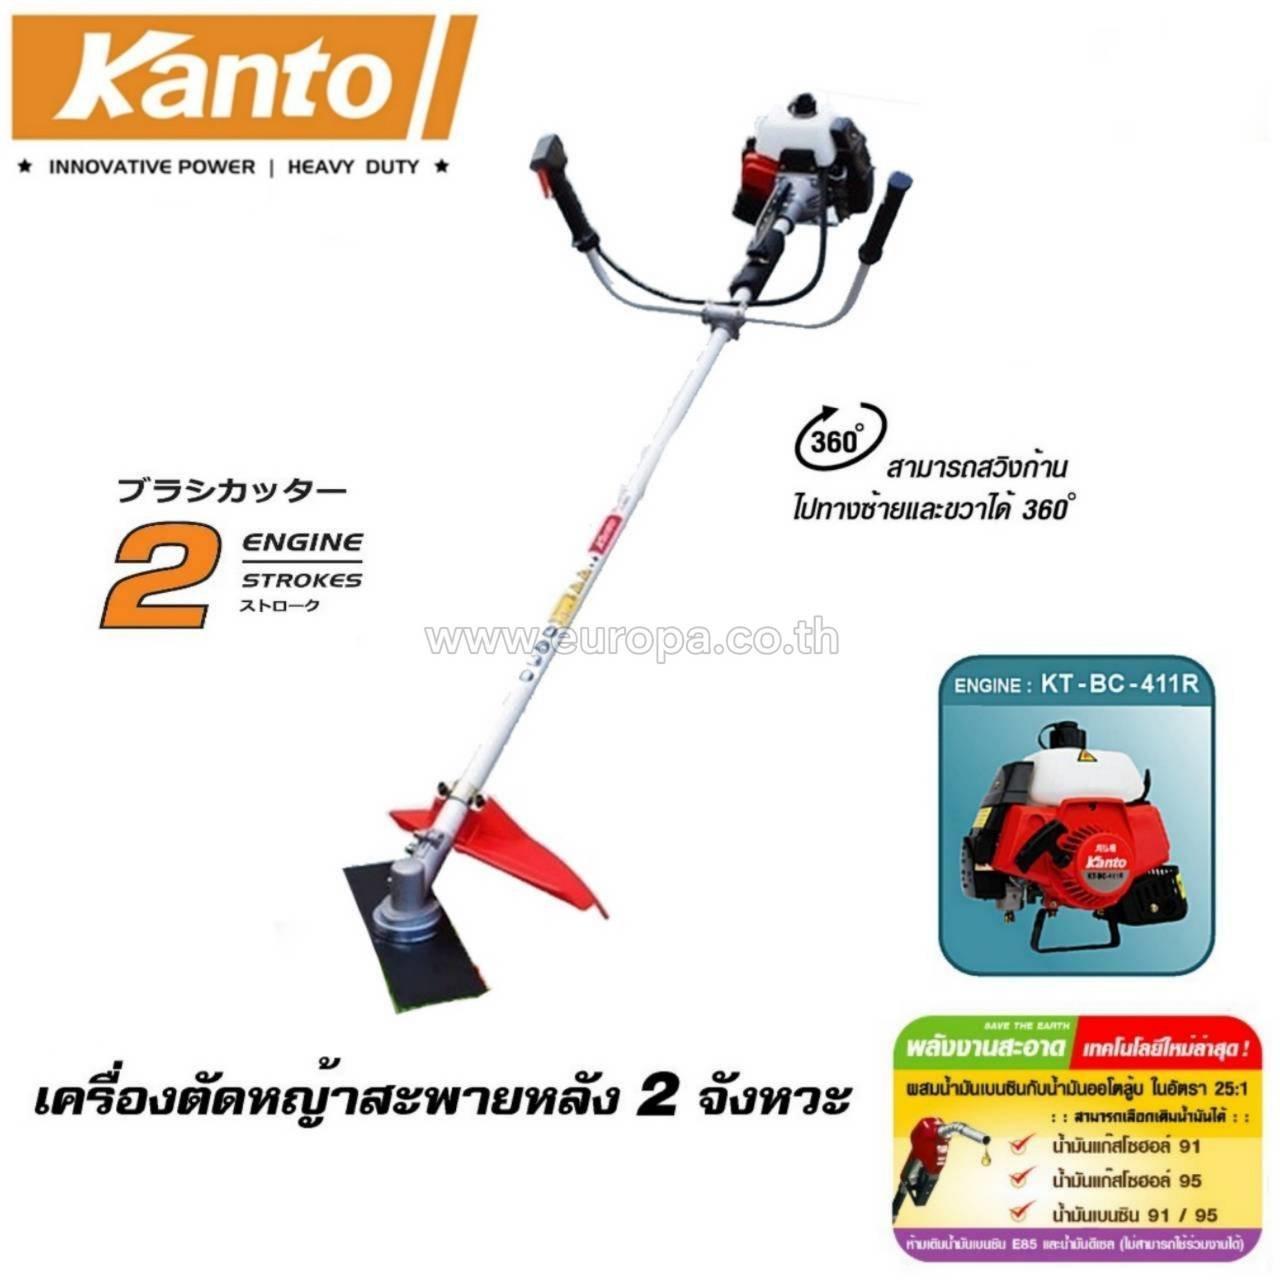 เครื่องตัดหญ้าสะพายบ่า 2 จังหวะ Kanto รุ่น KT-BC-411R